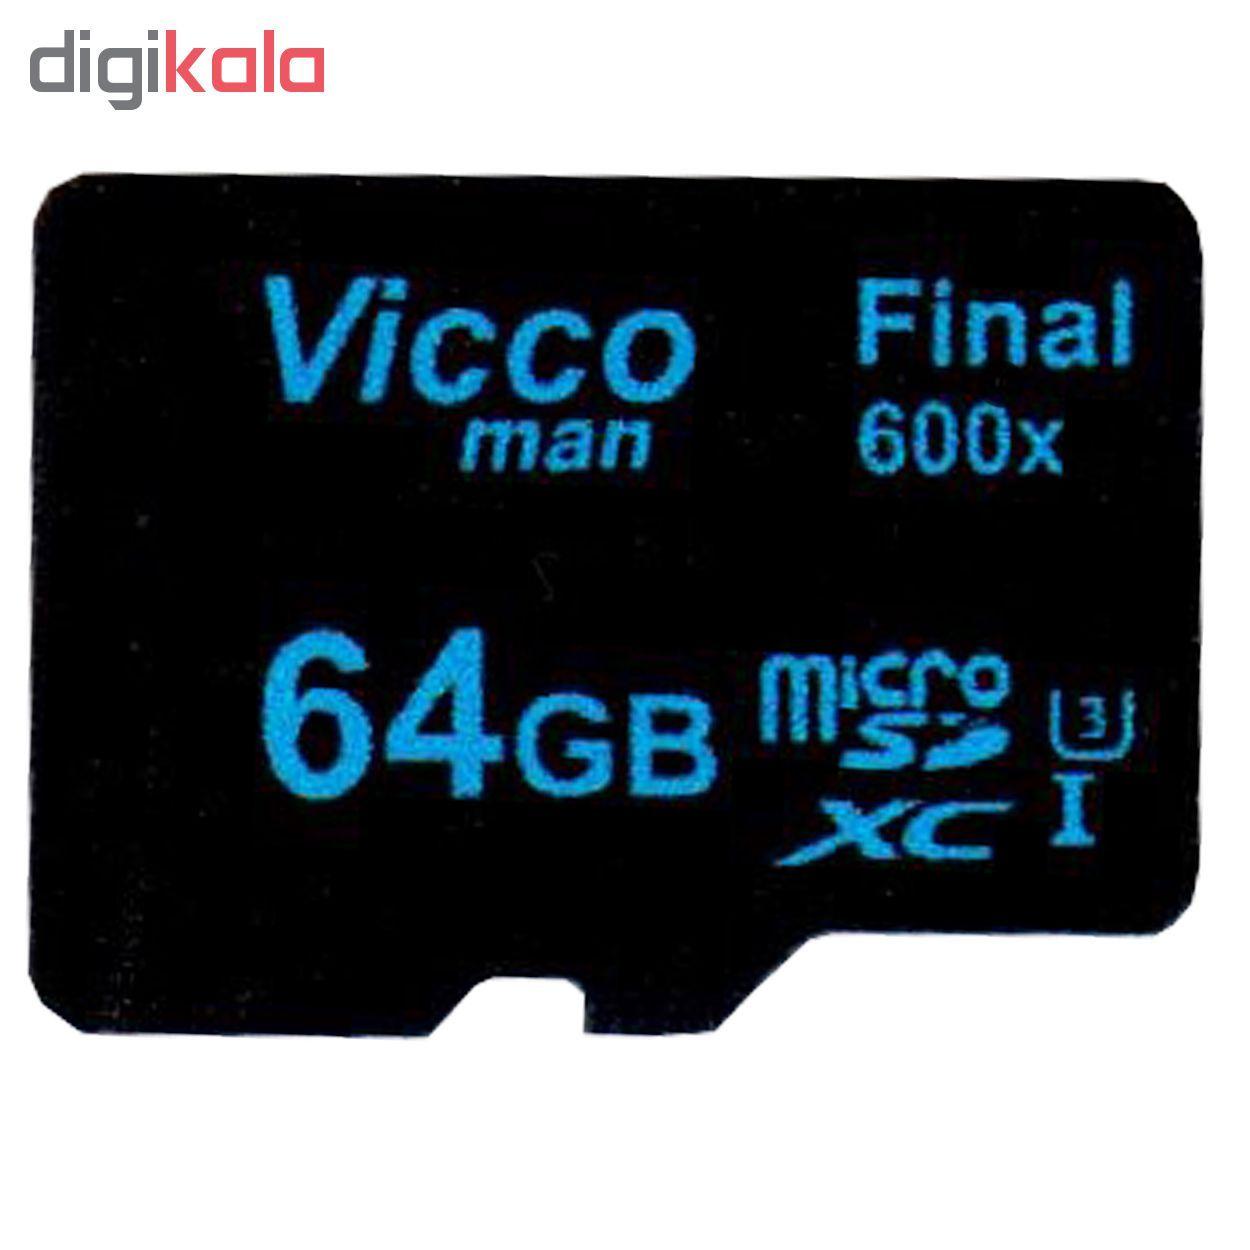 کارت حافظه microSDXC ویکومن مدل Final 600x کلاس 10 استاندارد UHS-I U3 سرعت90MBps ظرفیت 64 گیگابایت  main 1 1